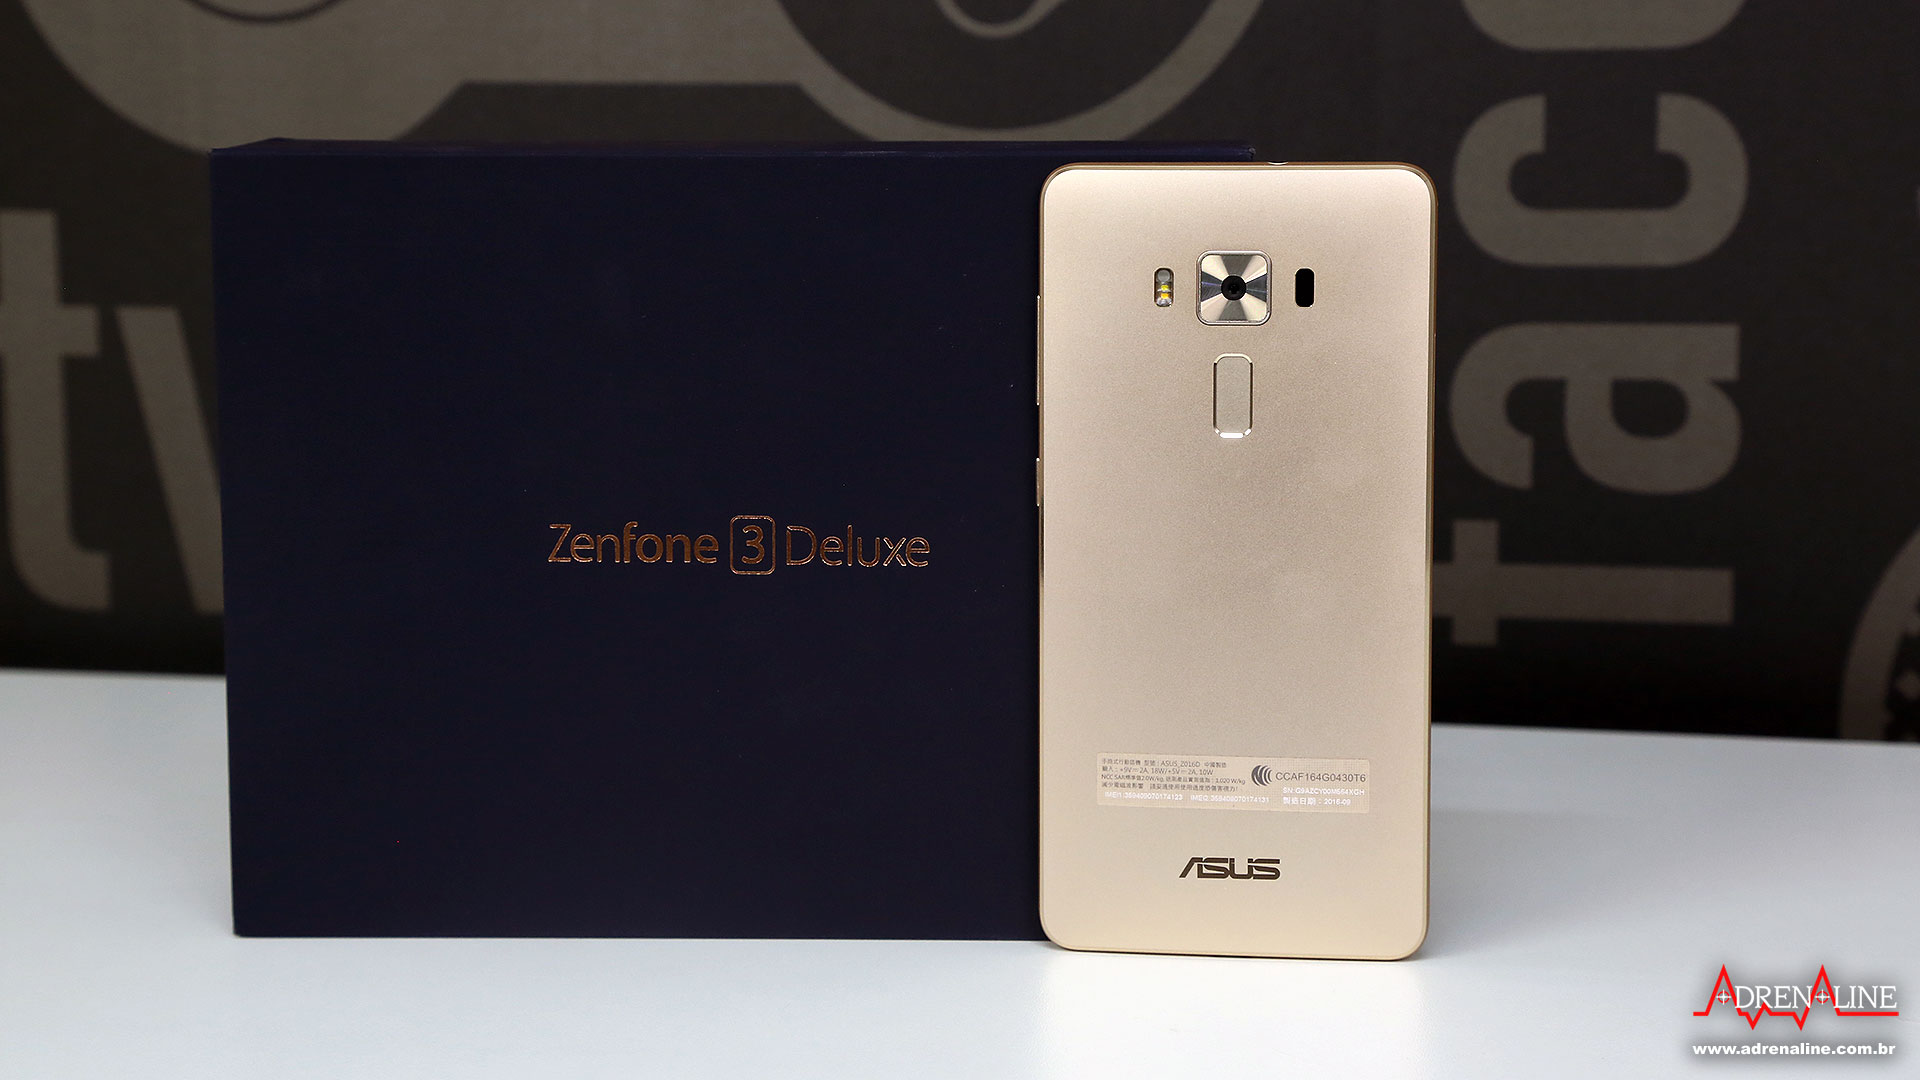 Atualização do Android 7.0 Nougat chega ao Asus ZenFone 3 Deluxe